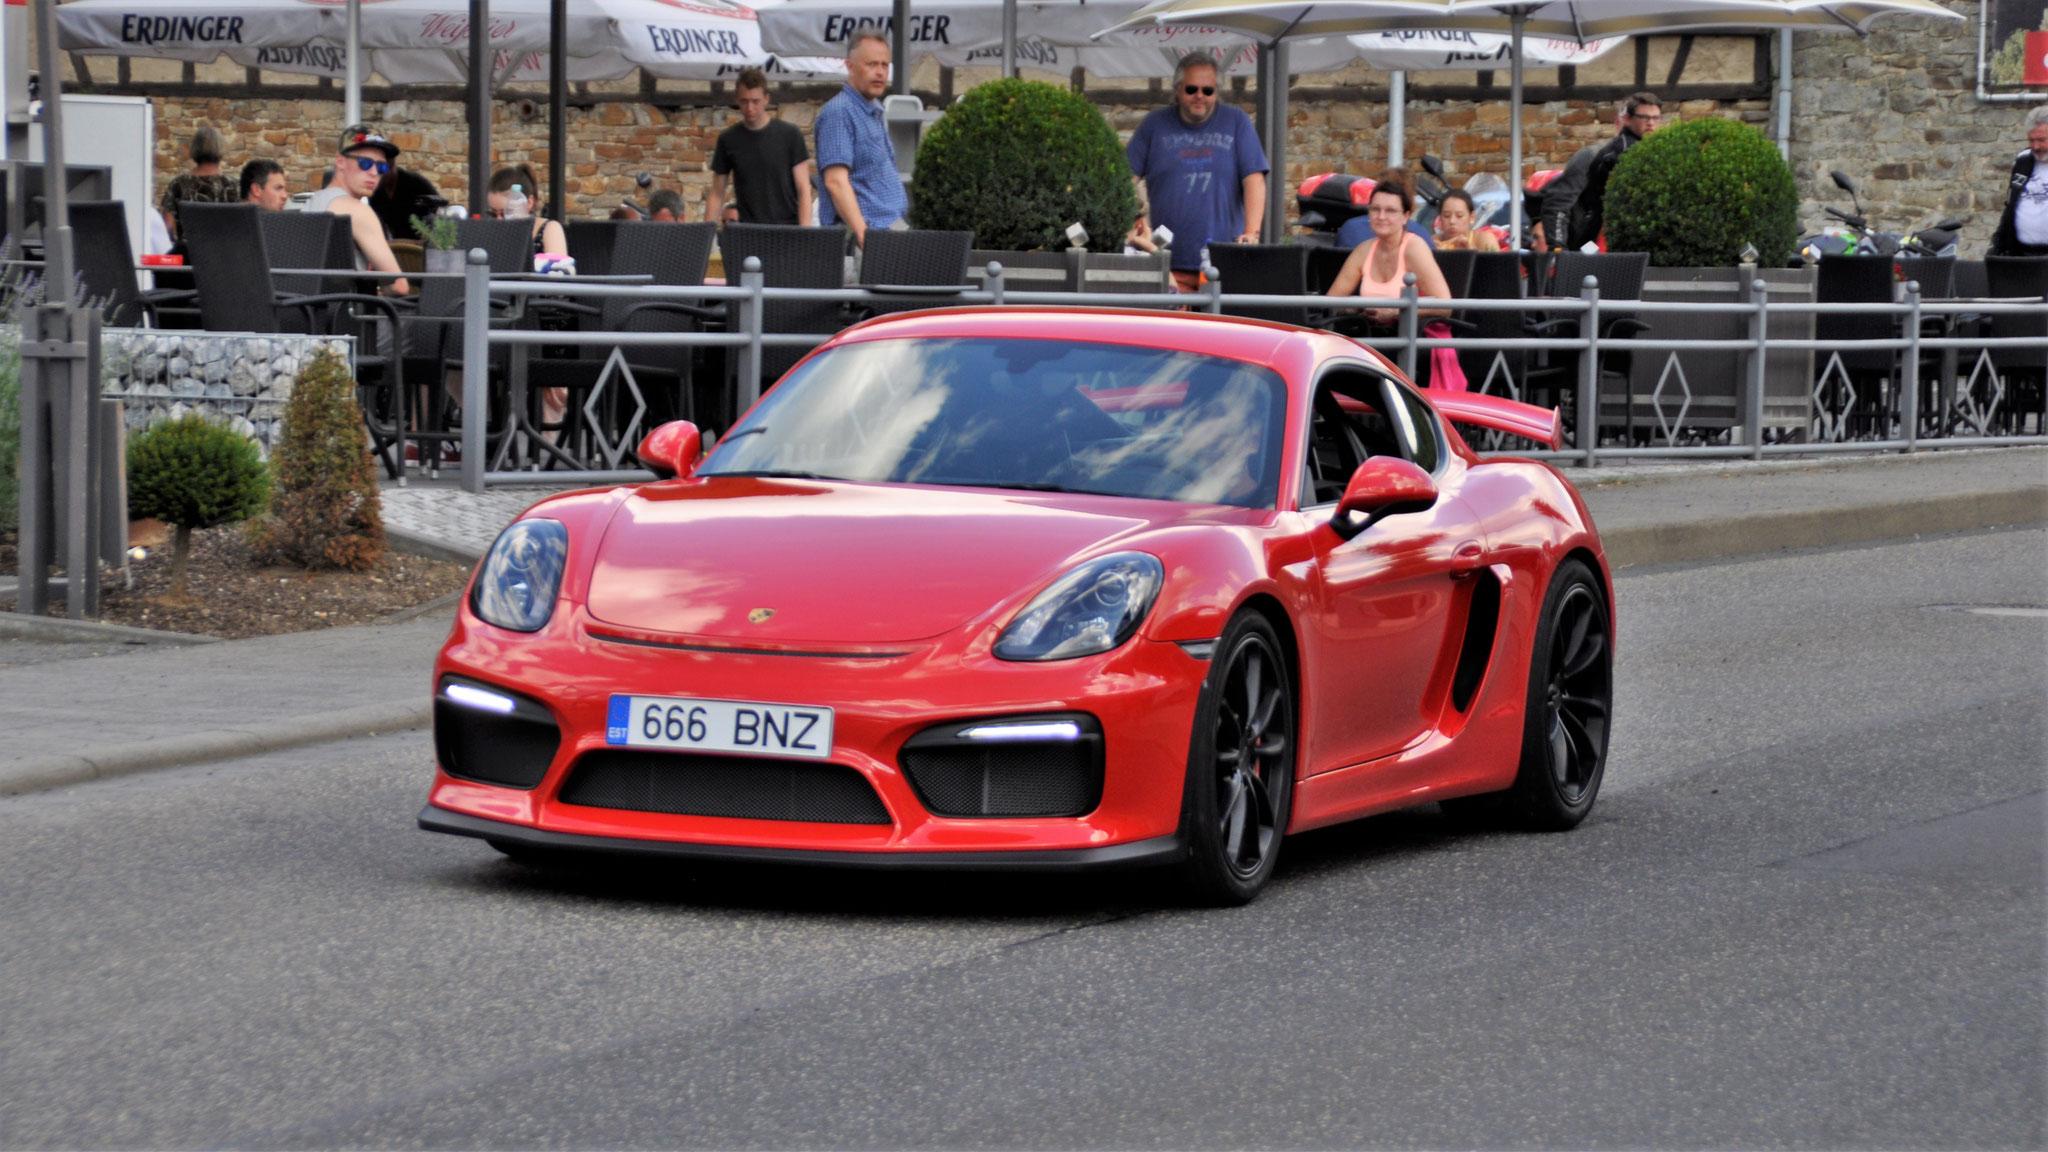 Porsche Cayman GT4 - 666-BNZ (EST)